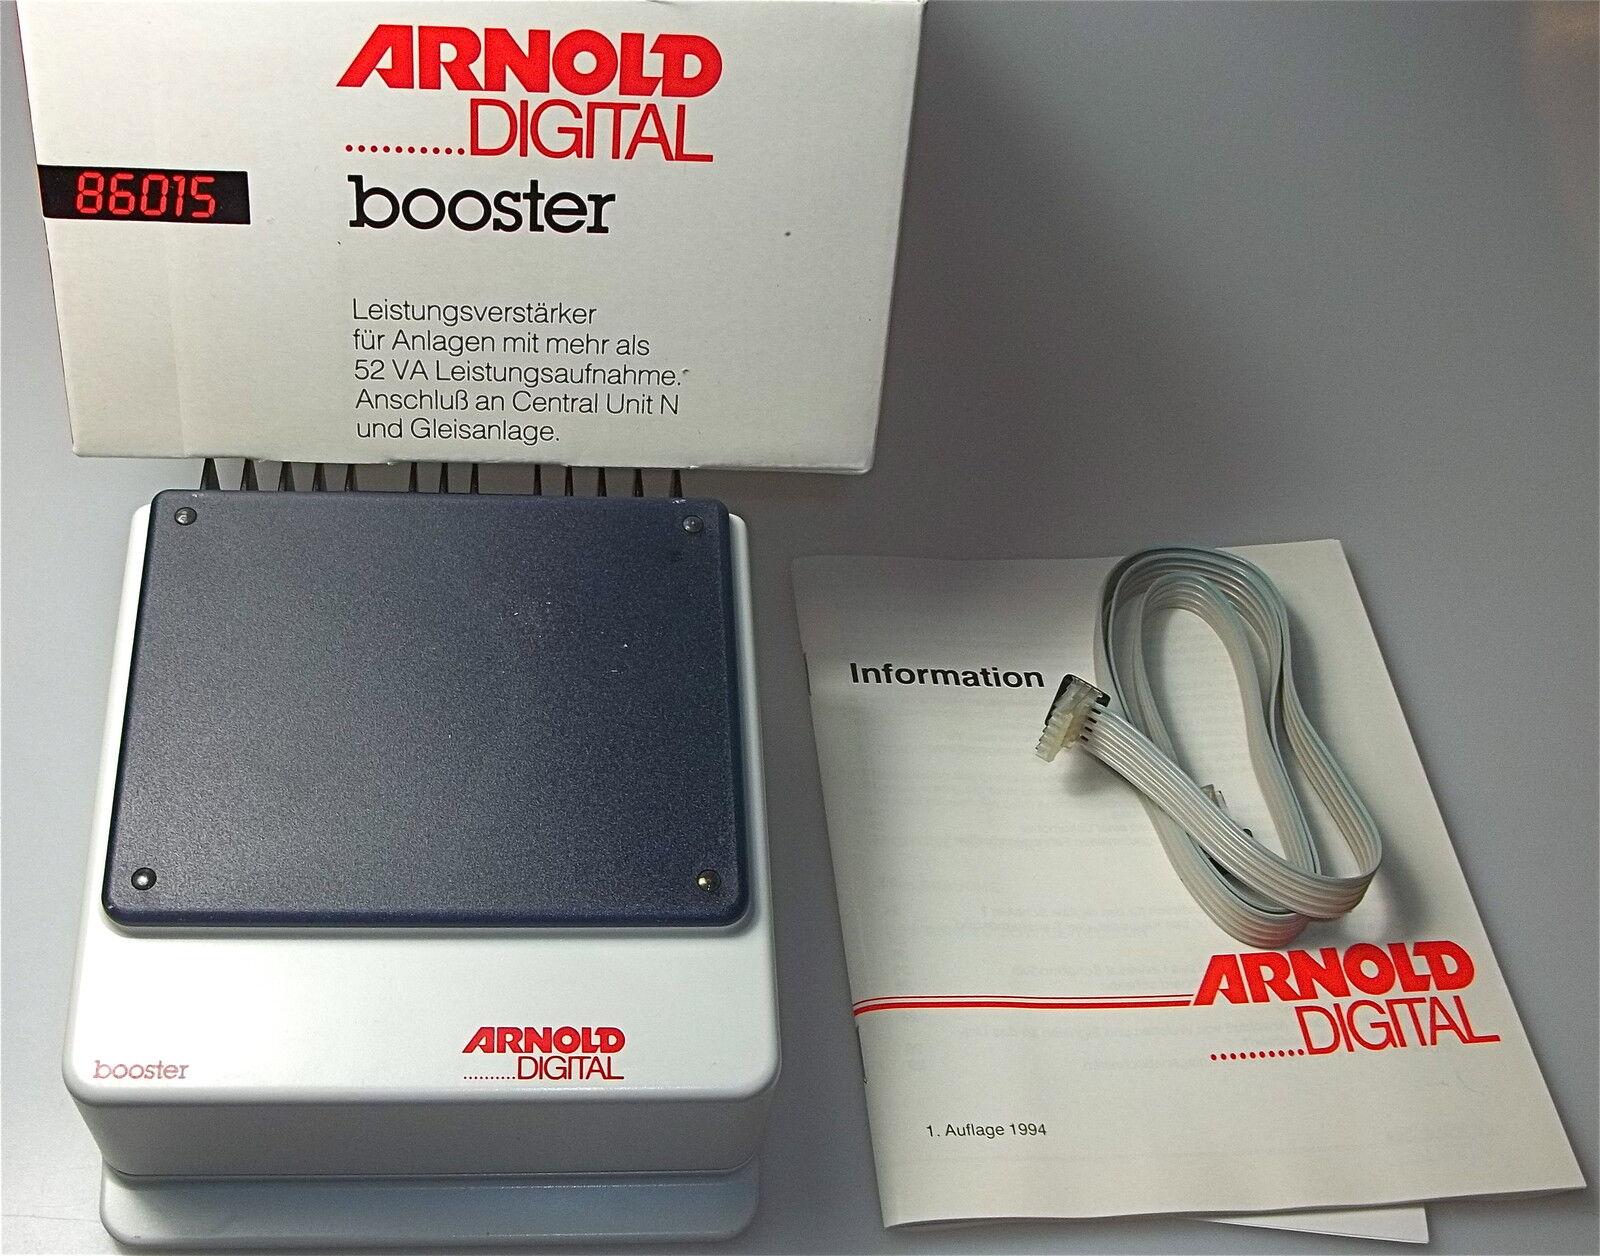 Arnold Booster 86015 OVP NUOVO inutilizzato hb1 µ *